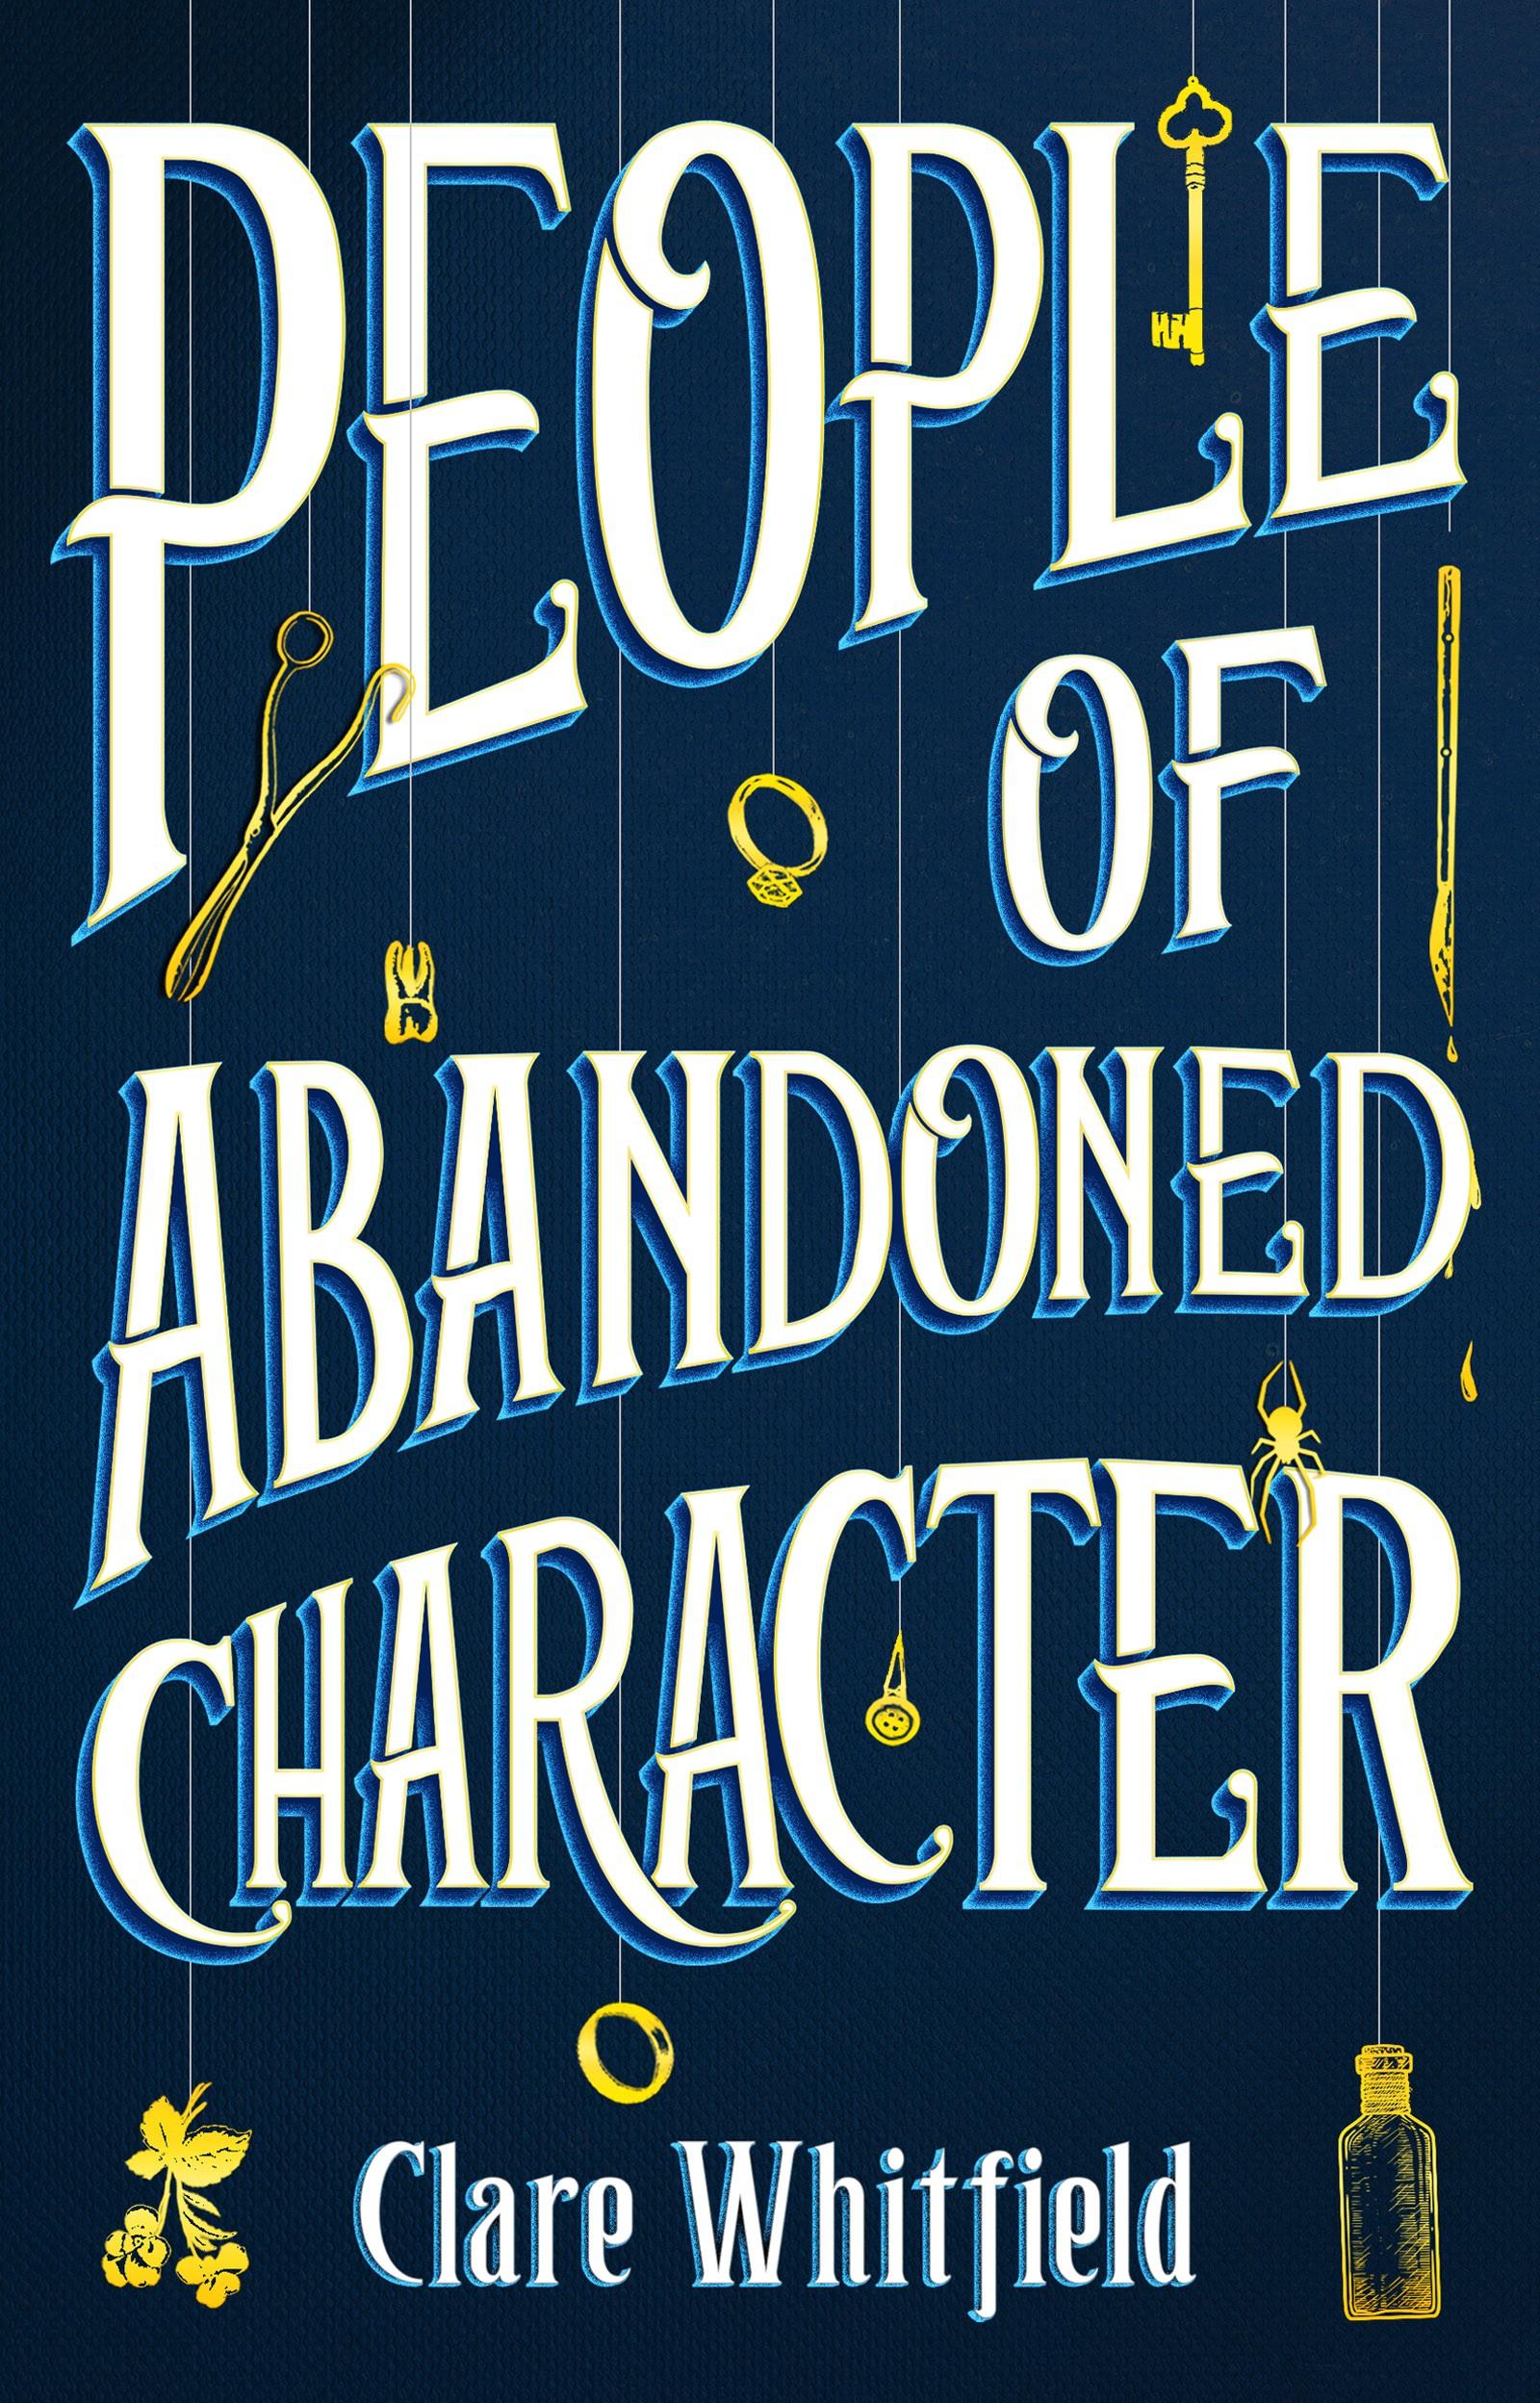 People of abandoned character jaxket